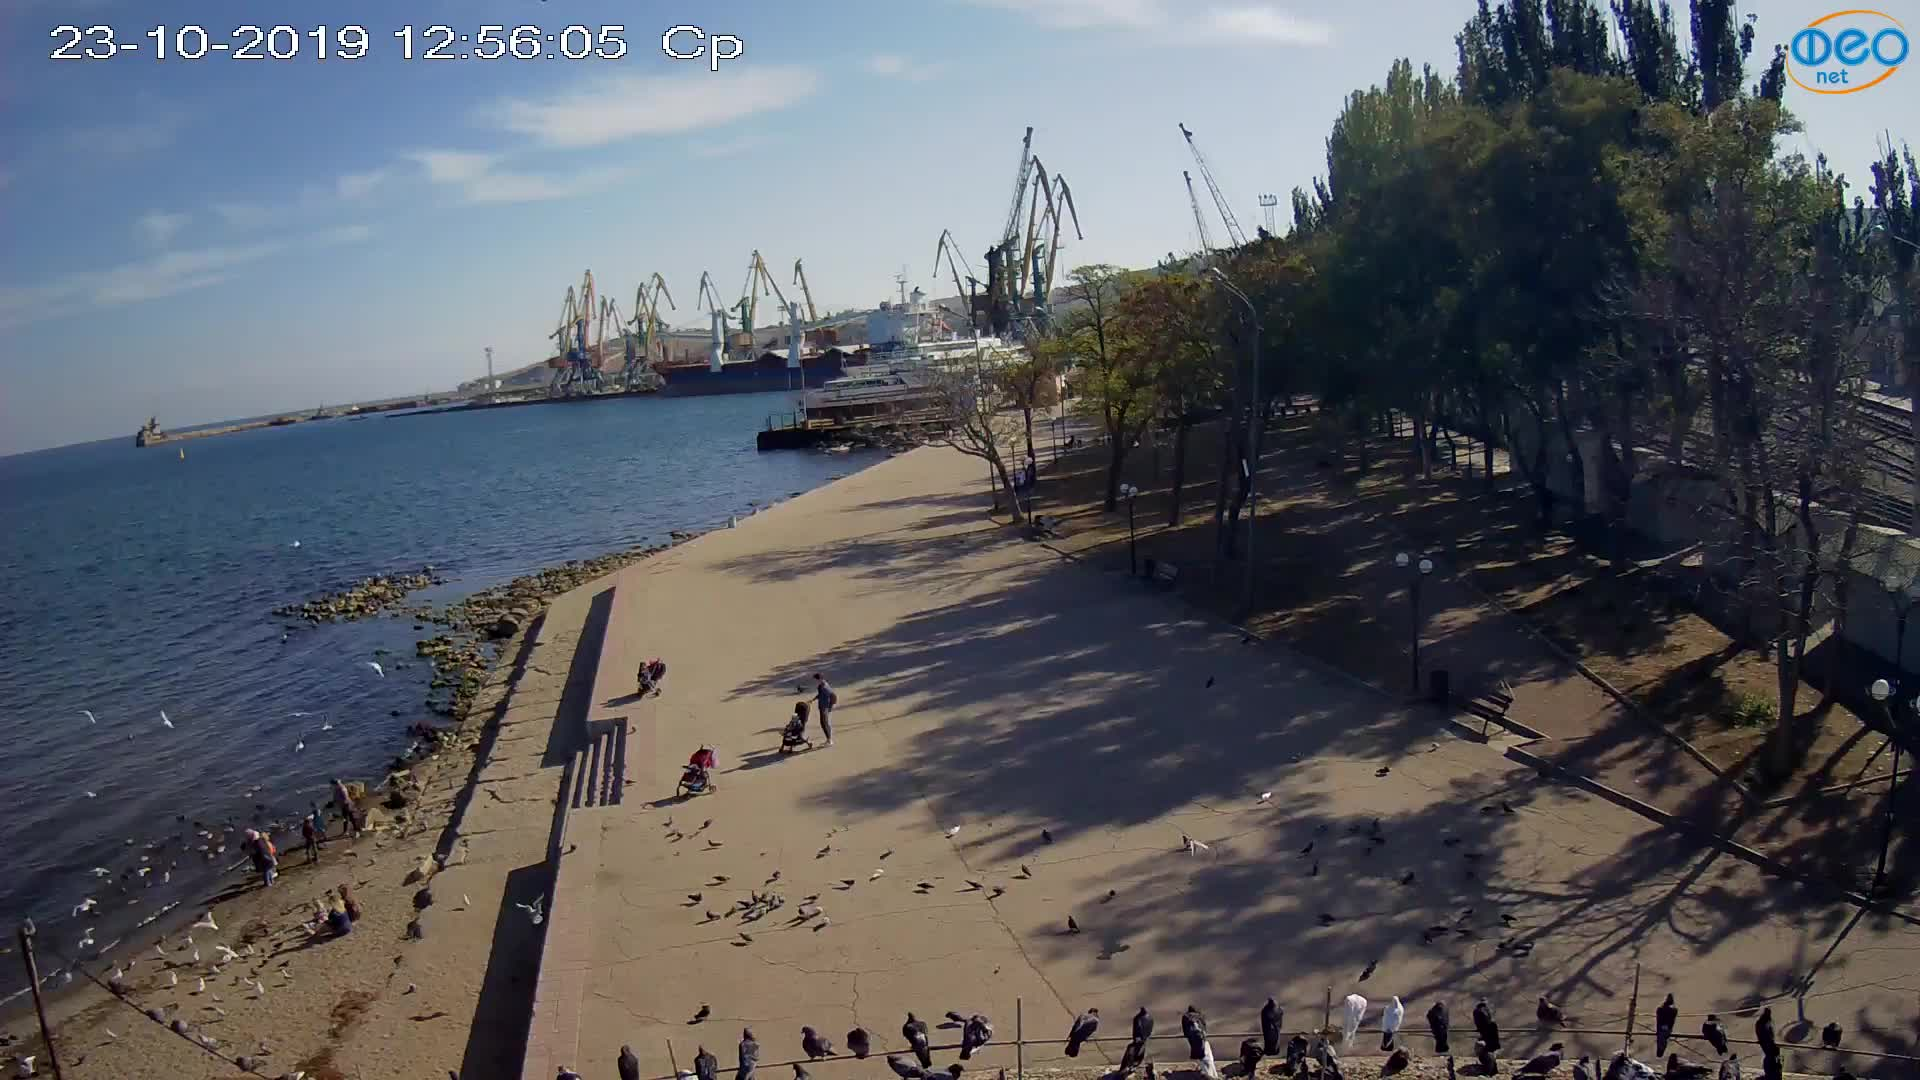 Веб-камеры Феодосии, Набережная Десантников, 2019-10-23 12:56:15